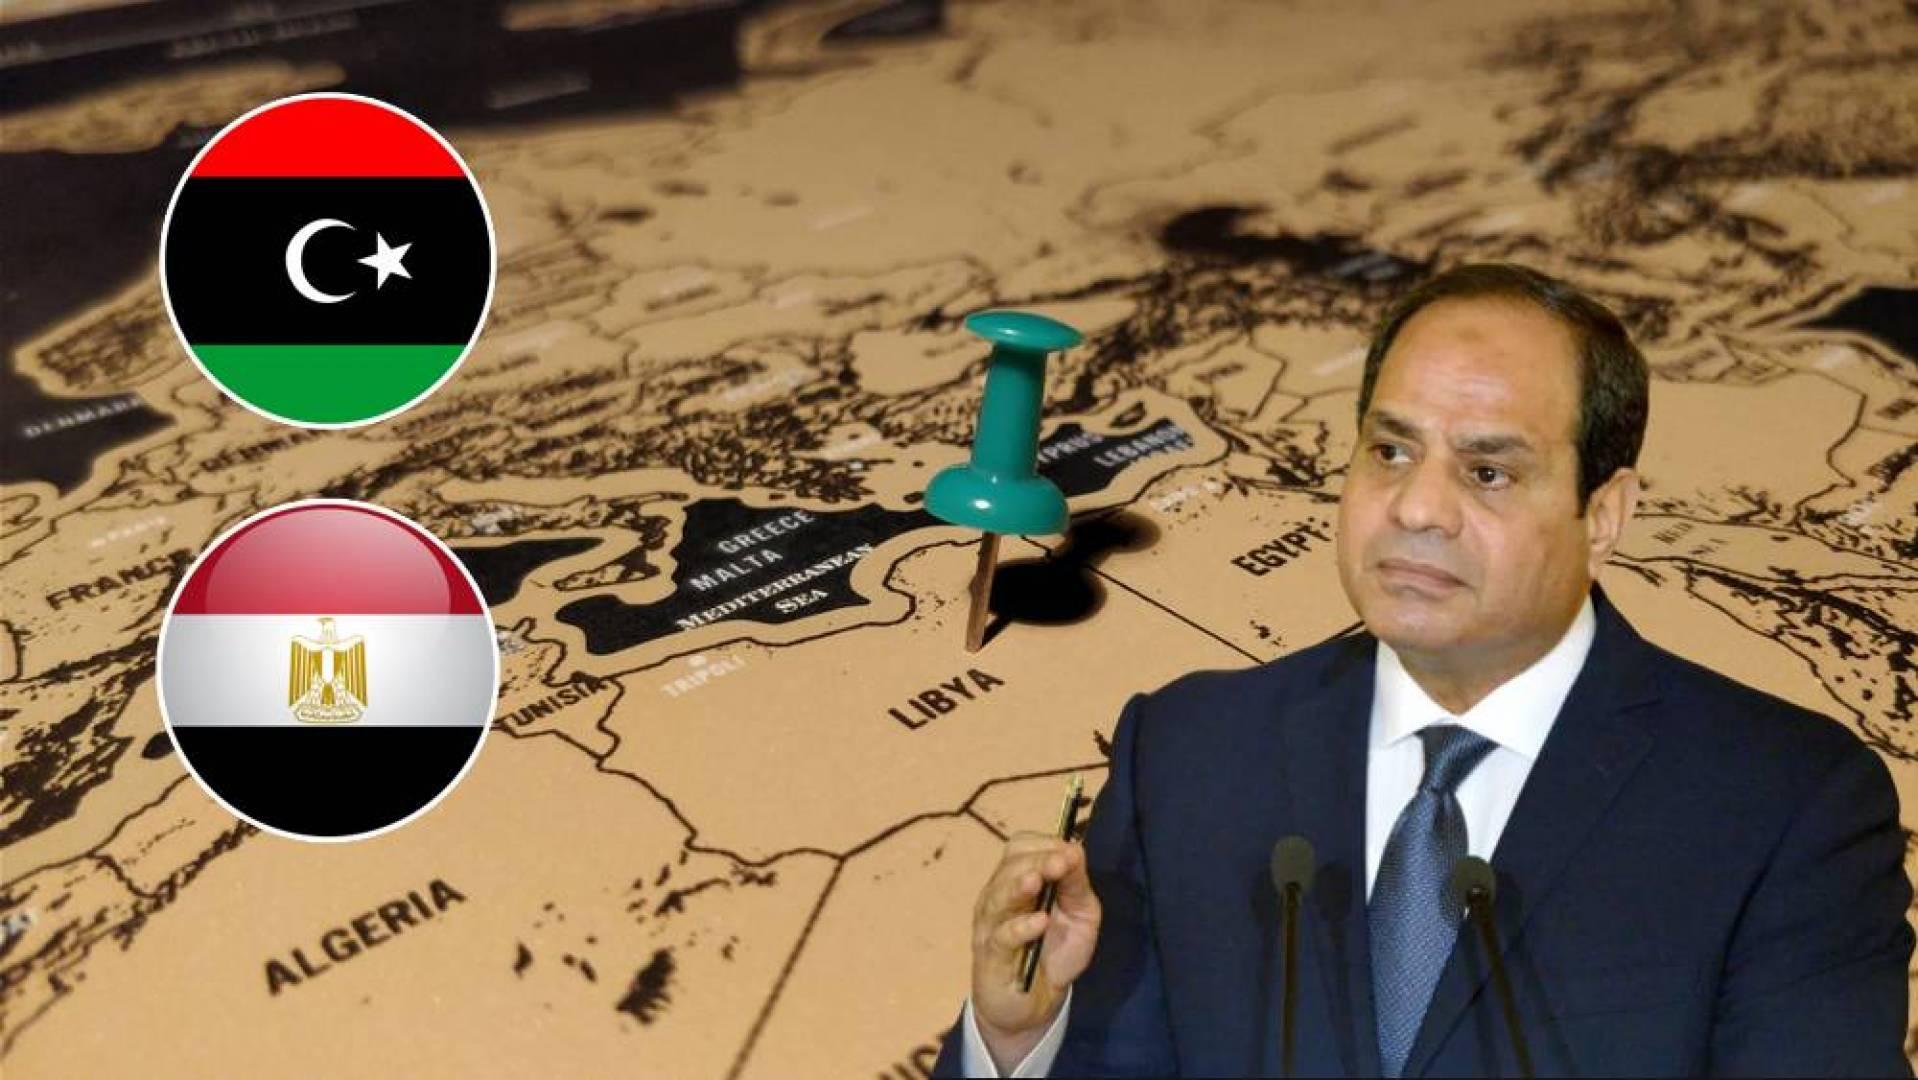 مصر تنتصر في ليبيا.. السيسي أعلى المصالح الوطنية فوق أي اعتبار